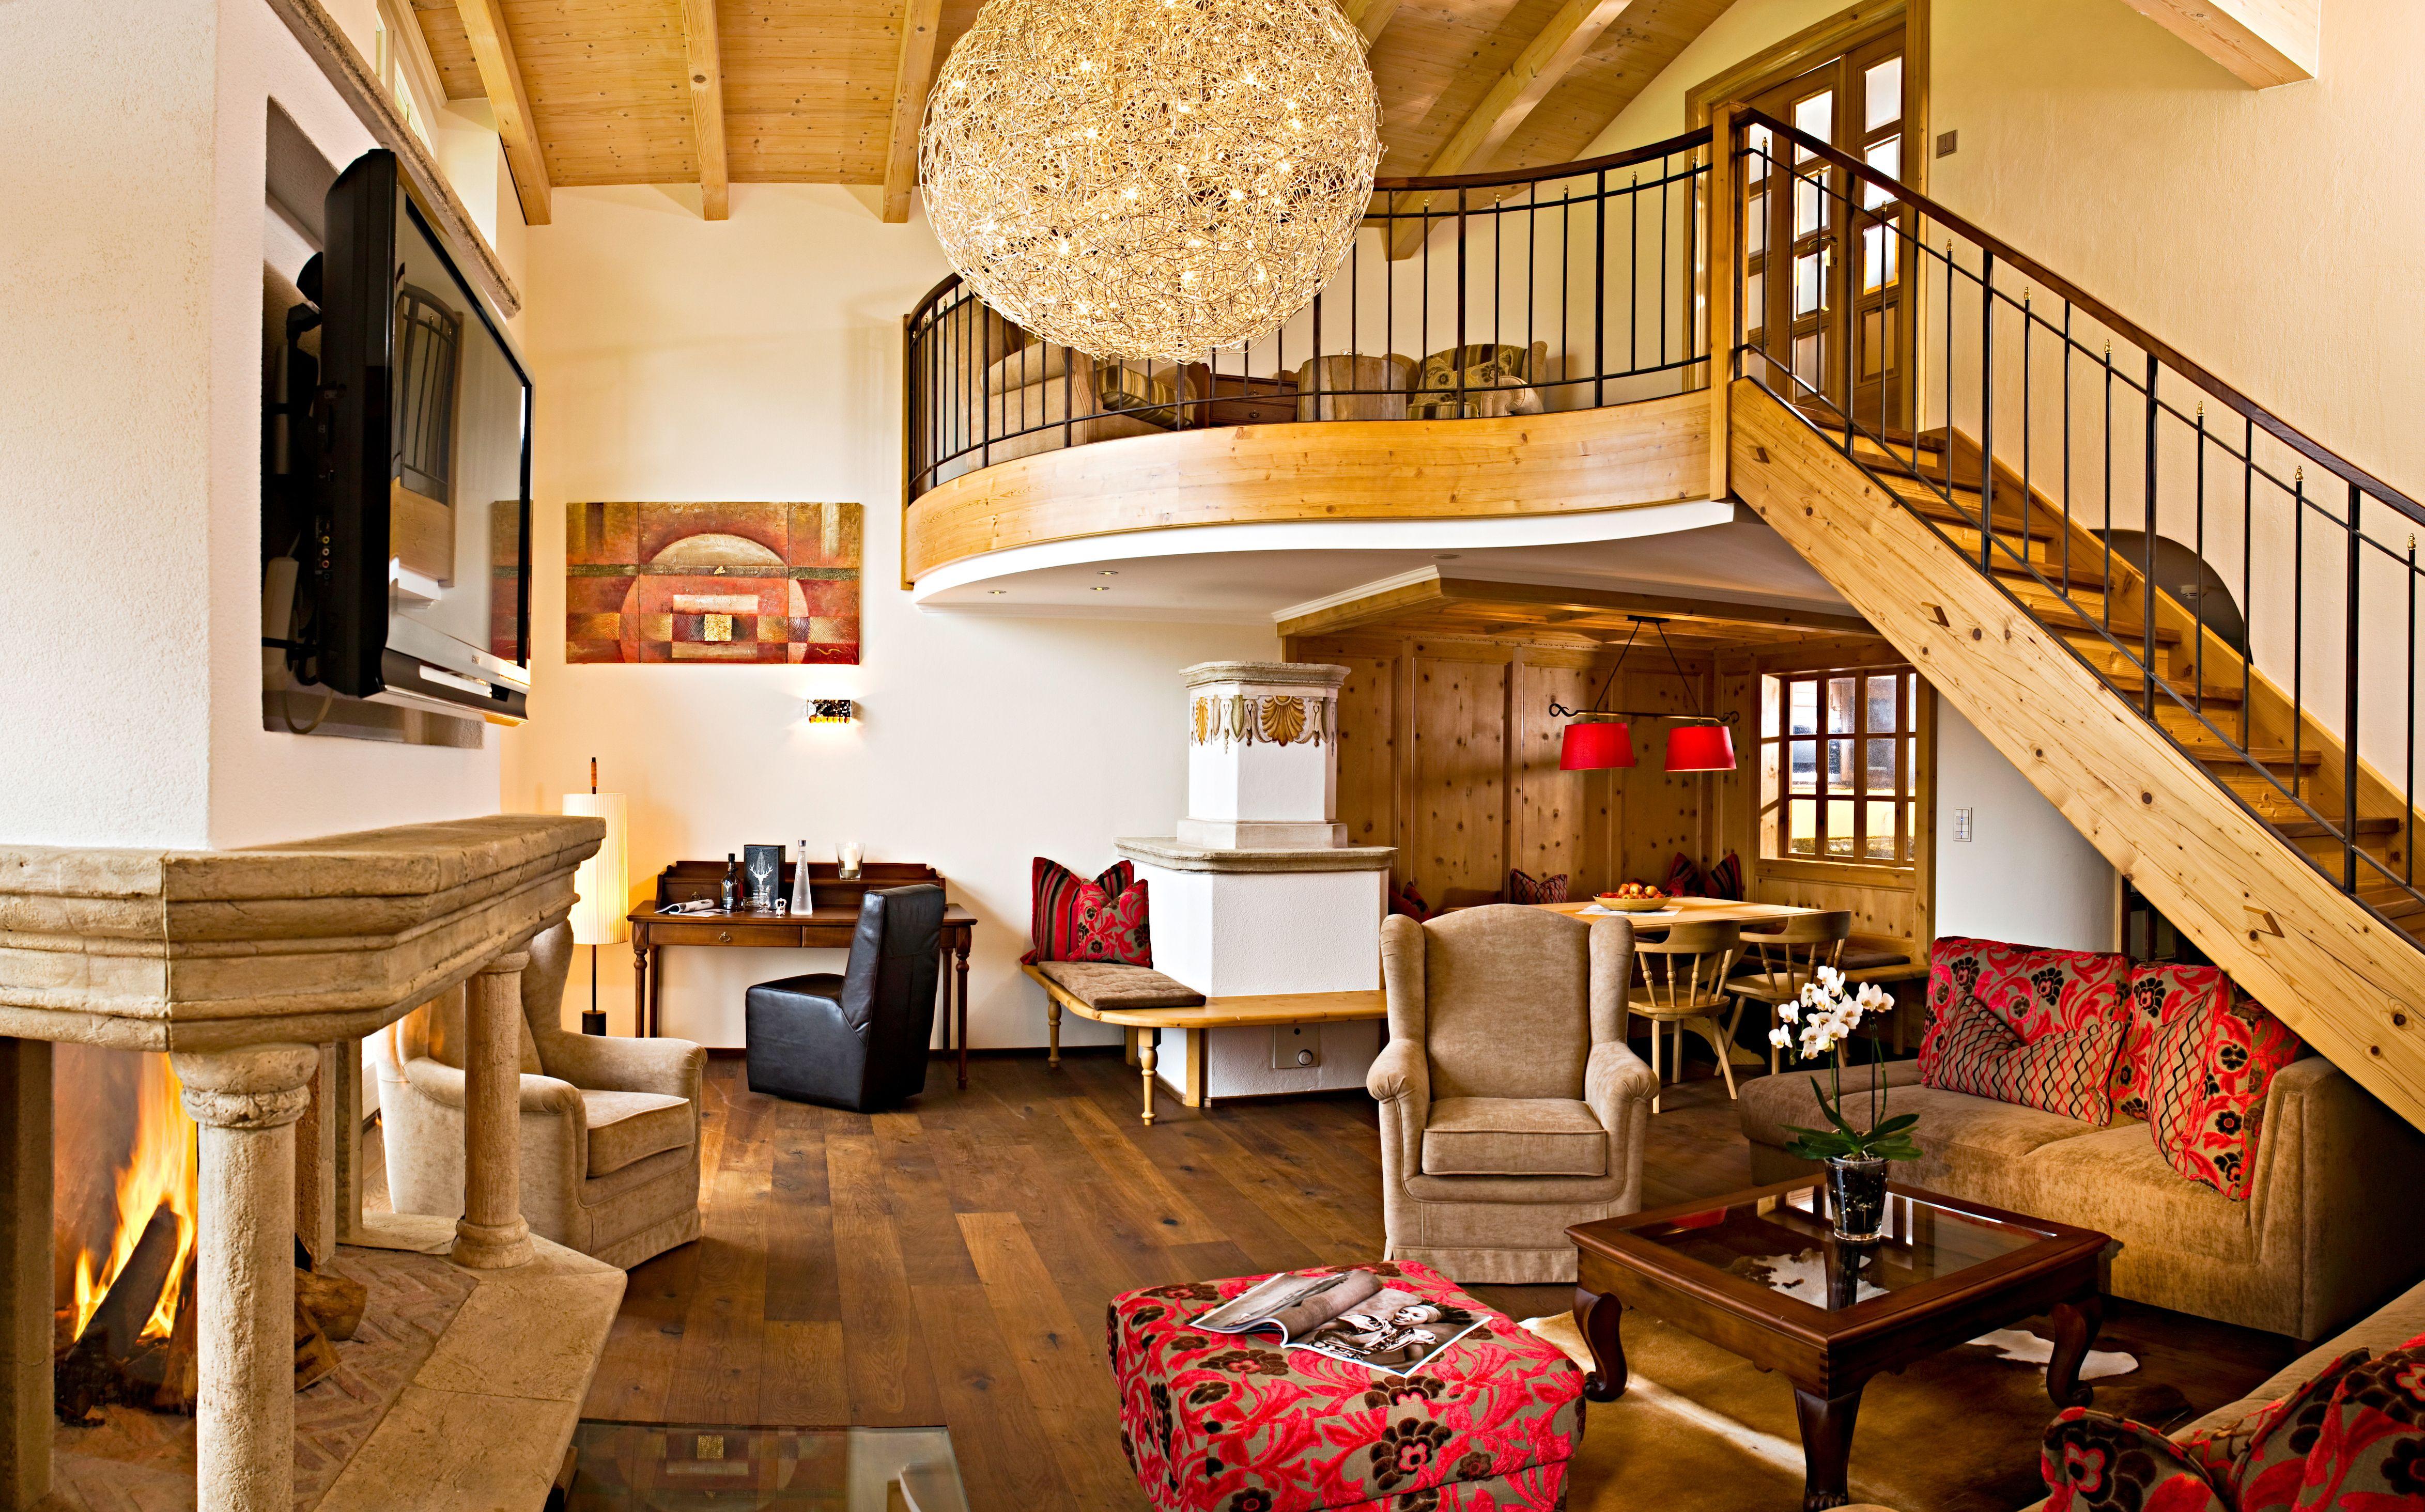 spa luxus-suiten resort ferienhaus österreich tirol urlaub ferien luxushotel